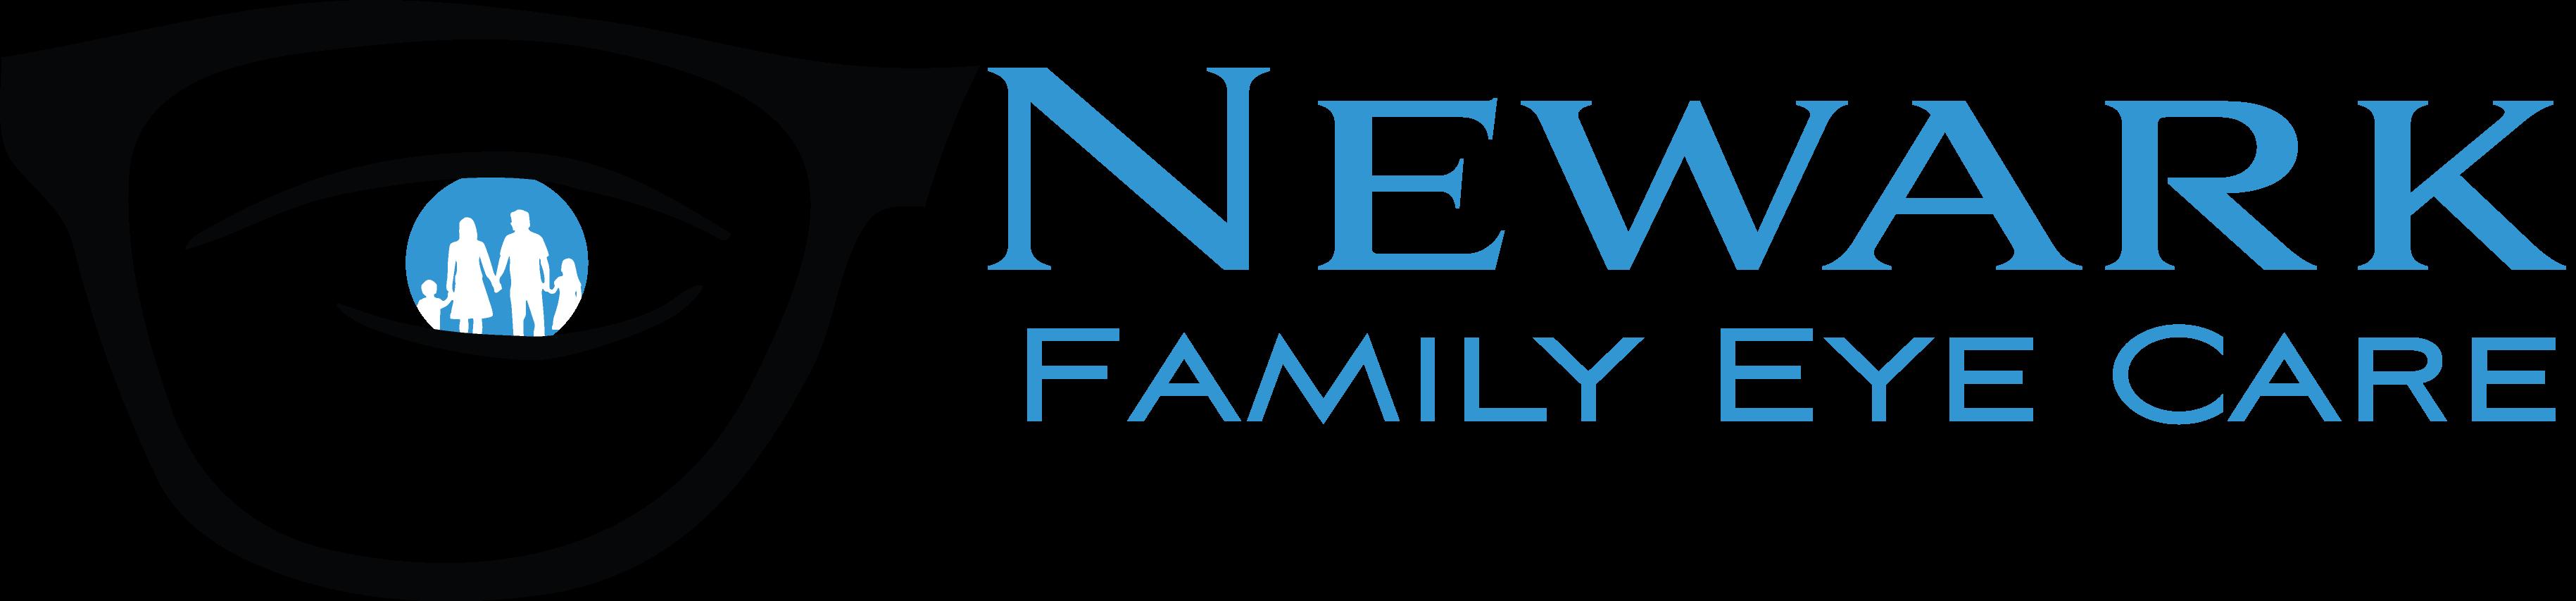 Newark Family Eye Care Logo